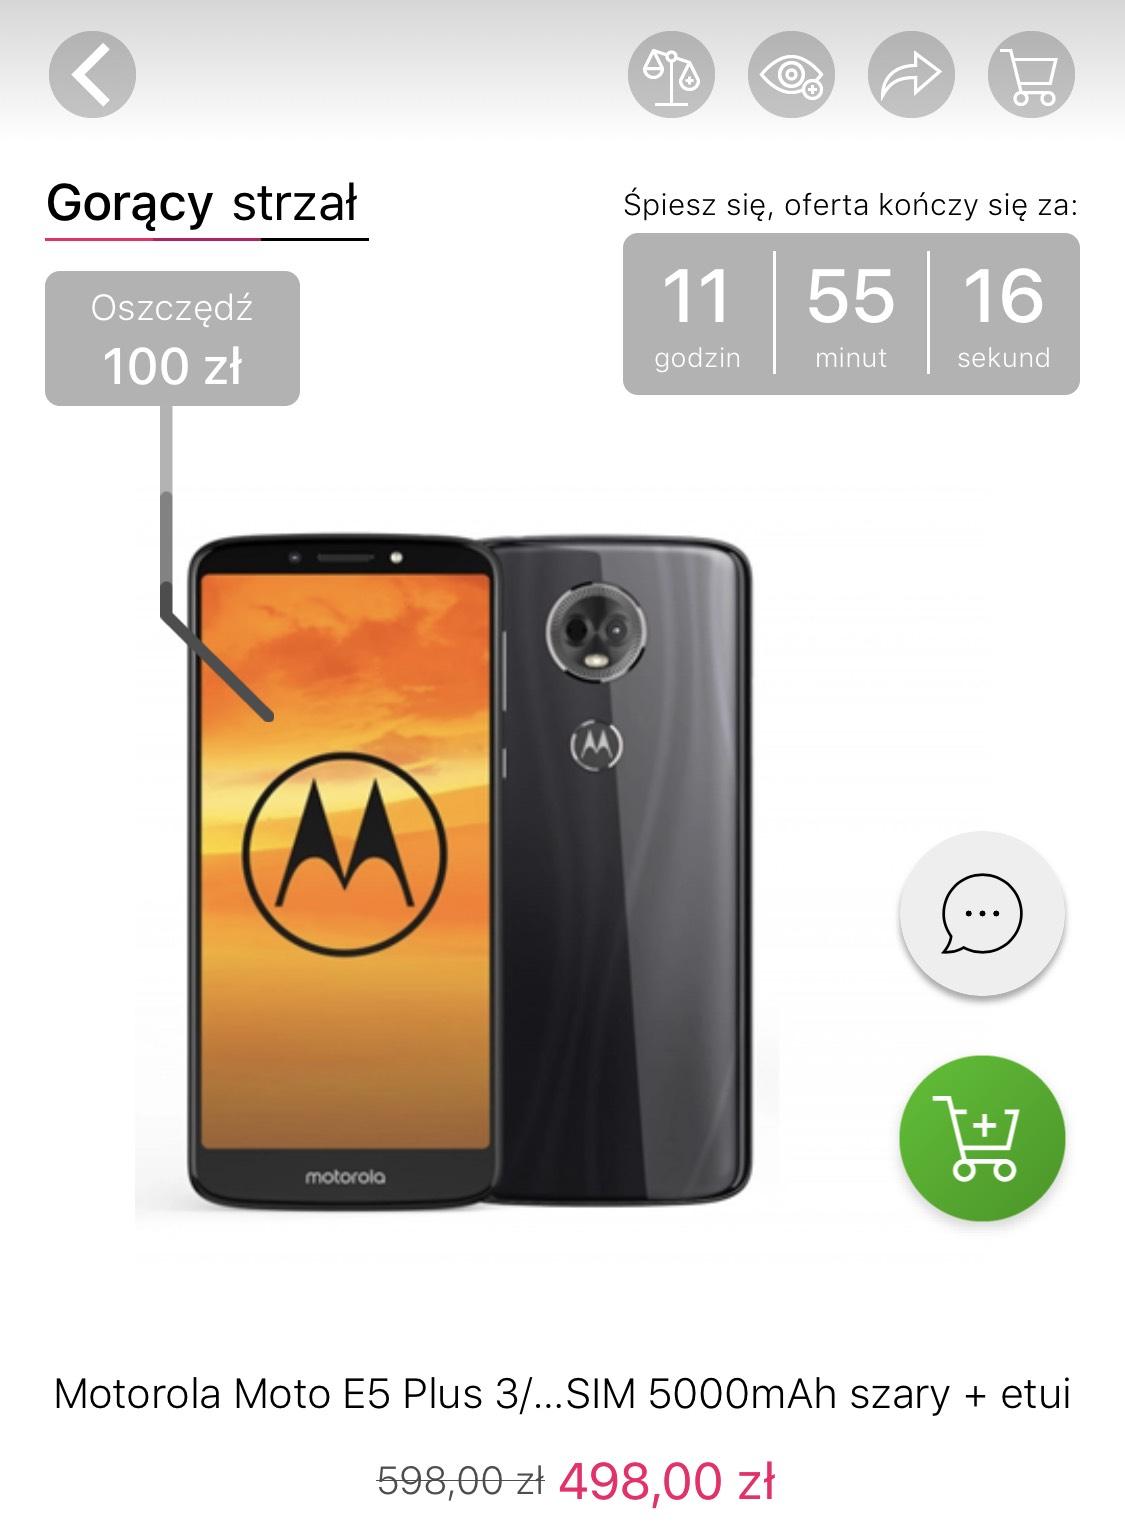 Motorola Moto E5 Plus 3/32GB Dual SIM 5000mAh szary + etui na x-kom